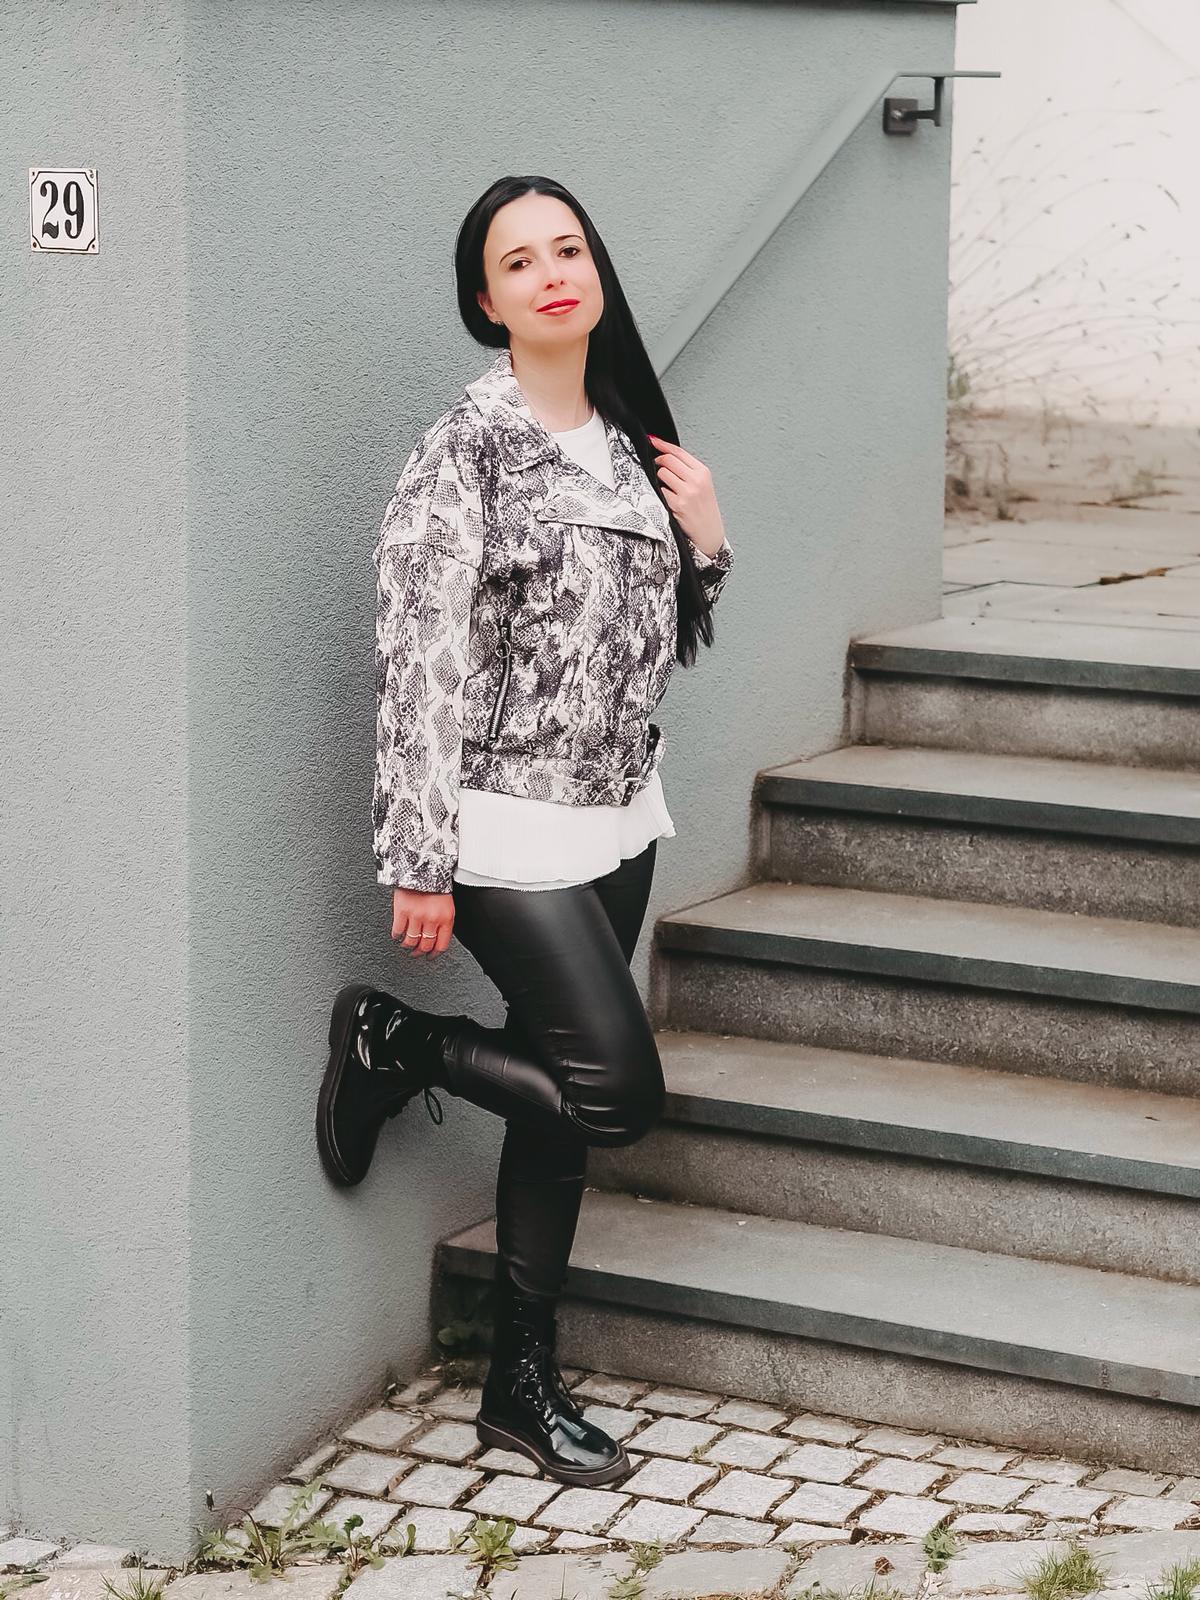 Mit meinen Casual Looks von Femmeluxefinery bin ich überall modisch und bequem gekleidet. Heute zeige ich coole Leggings, eine Biker Jacke und ein Jumpsuit.